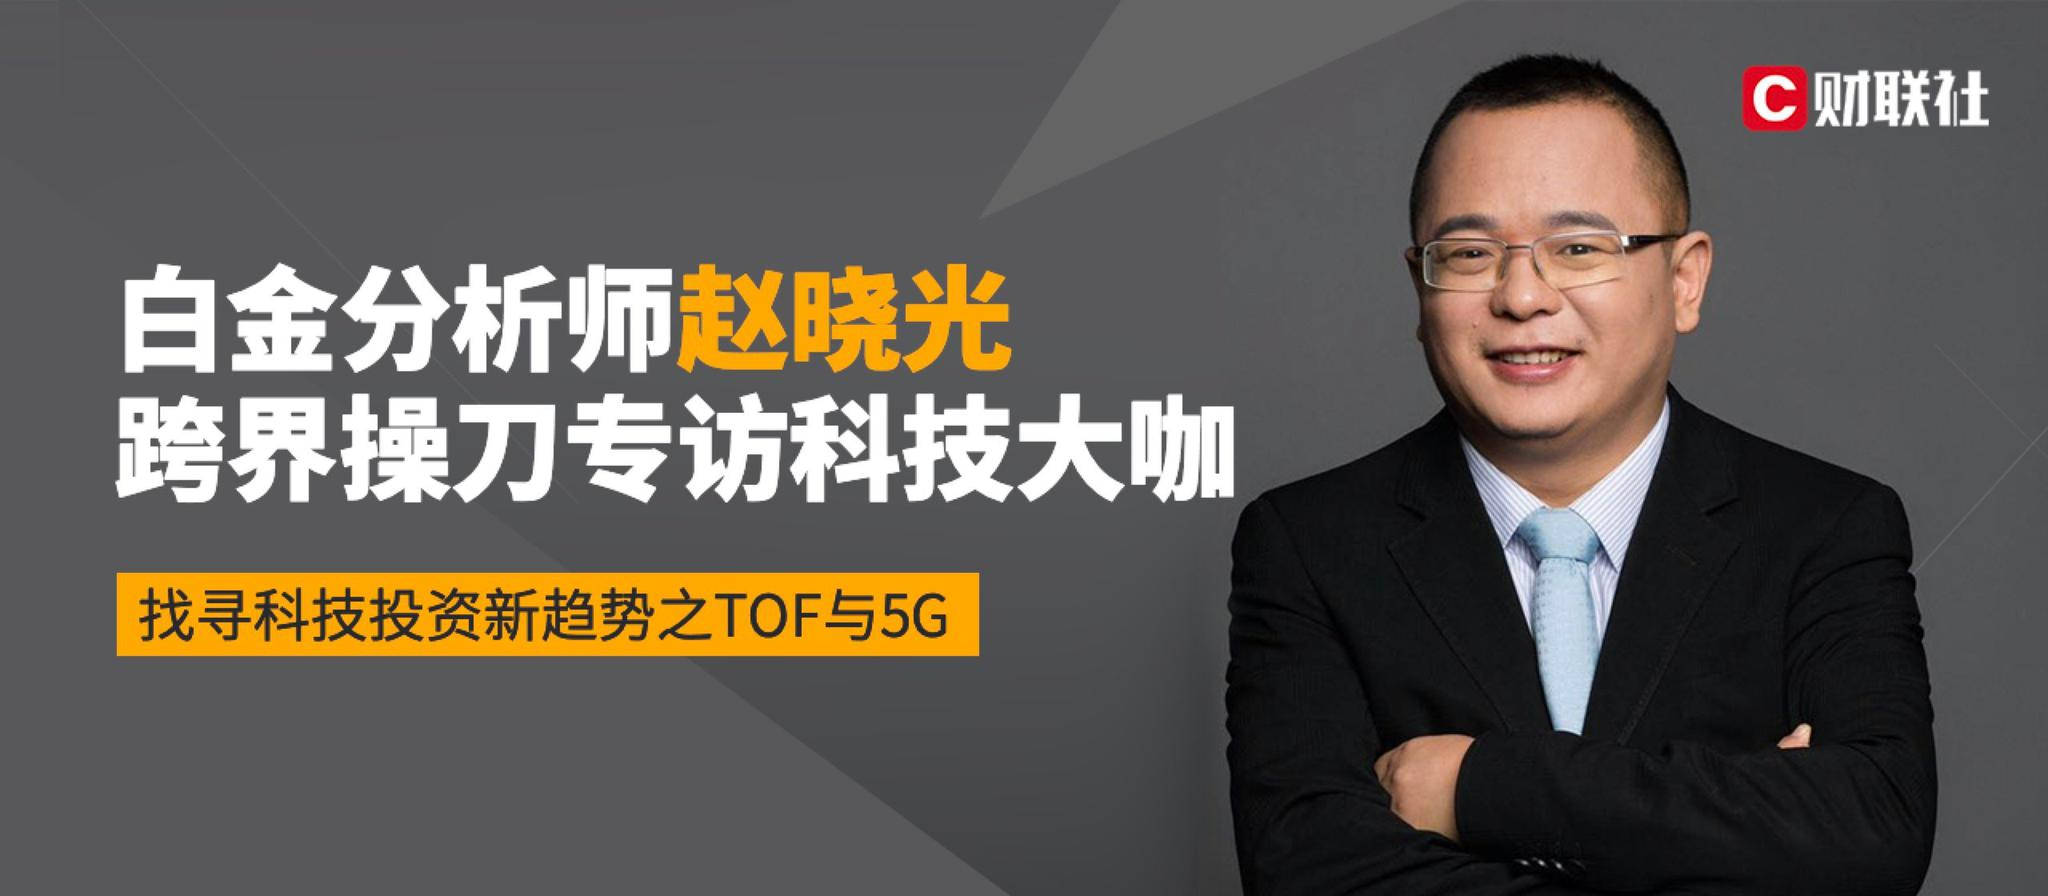 赵晓光专访矽睿科技CEO孙臻:传感器是未来世界的核心